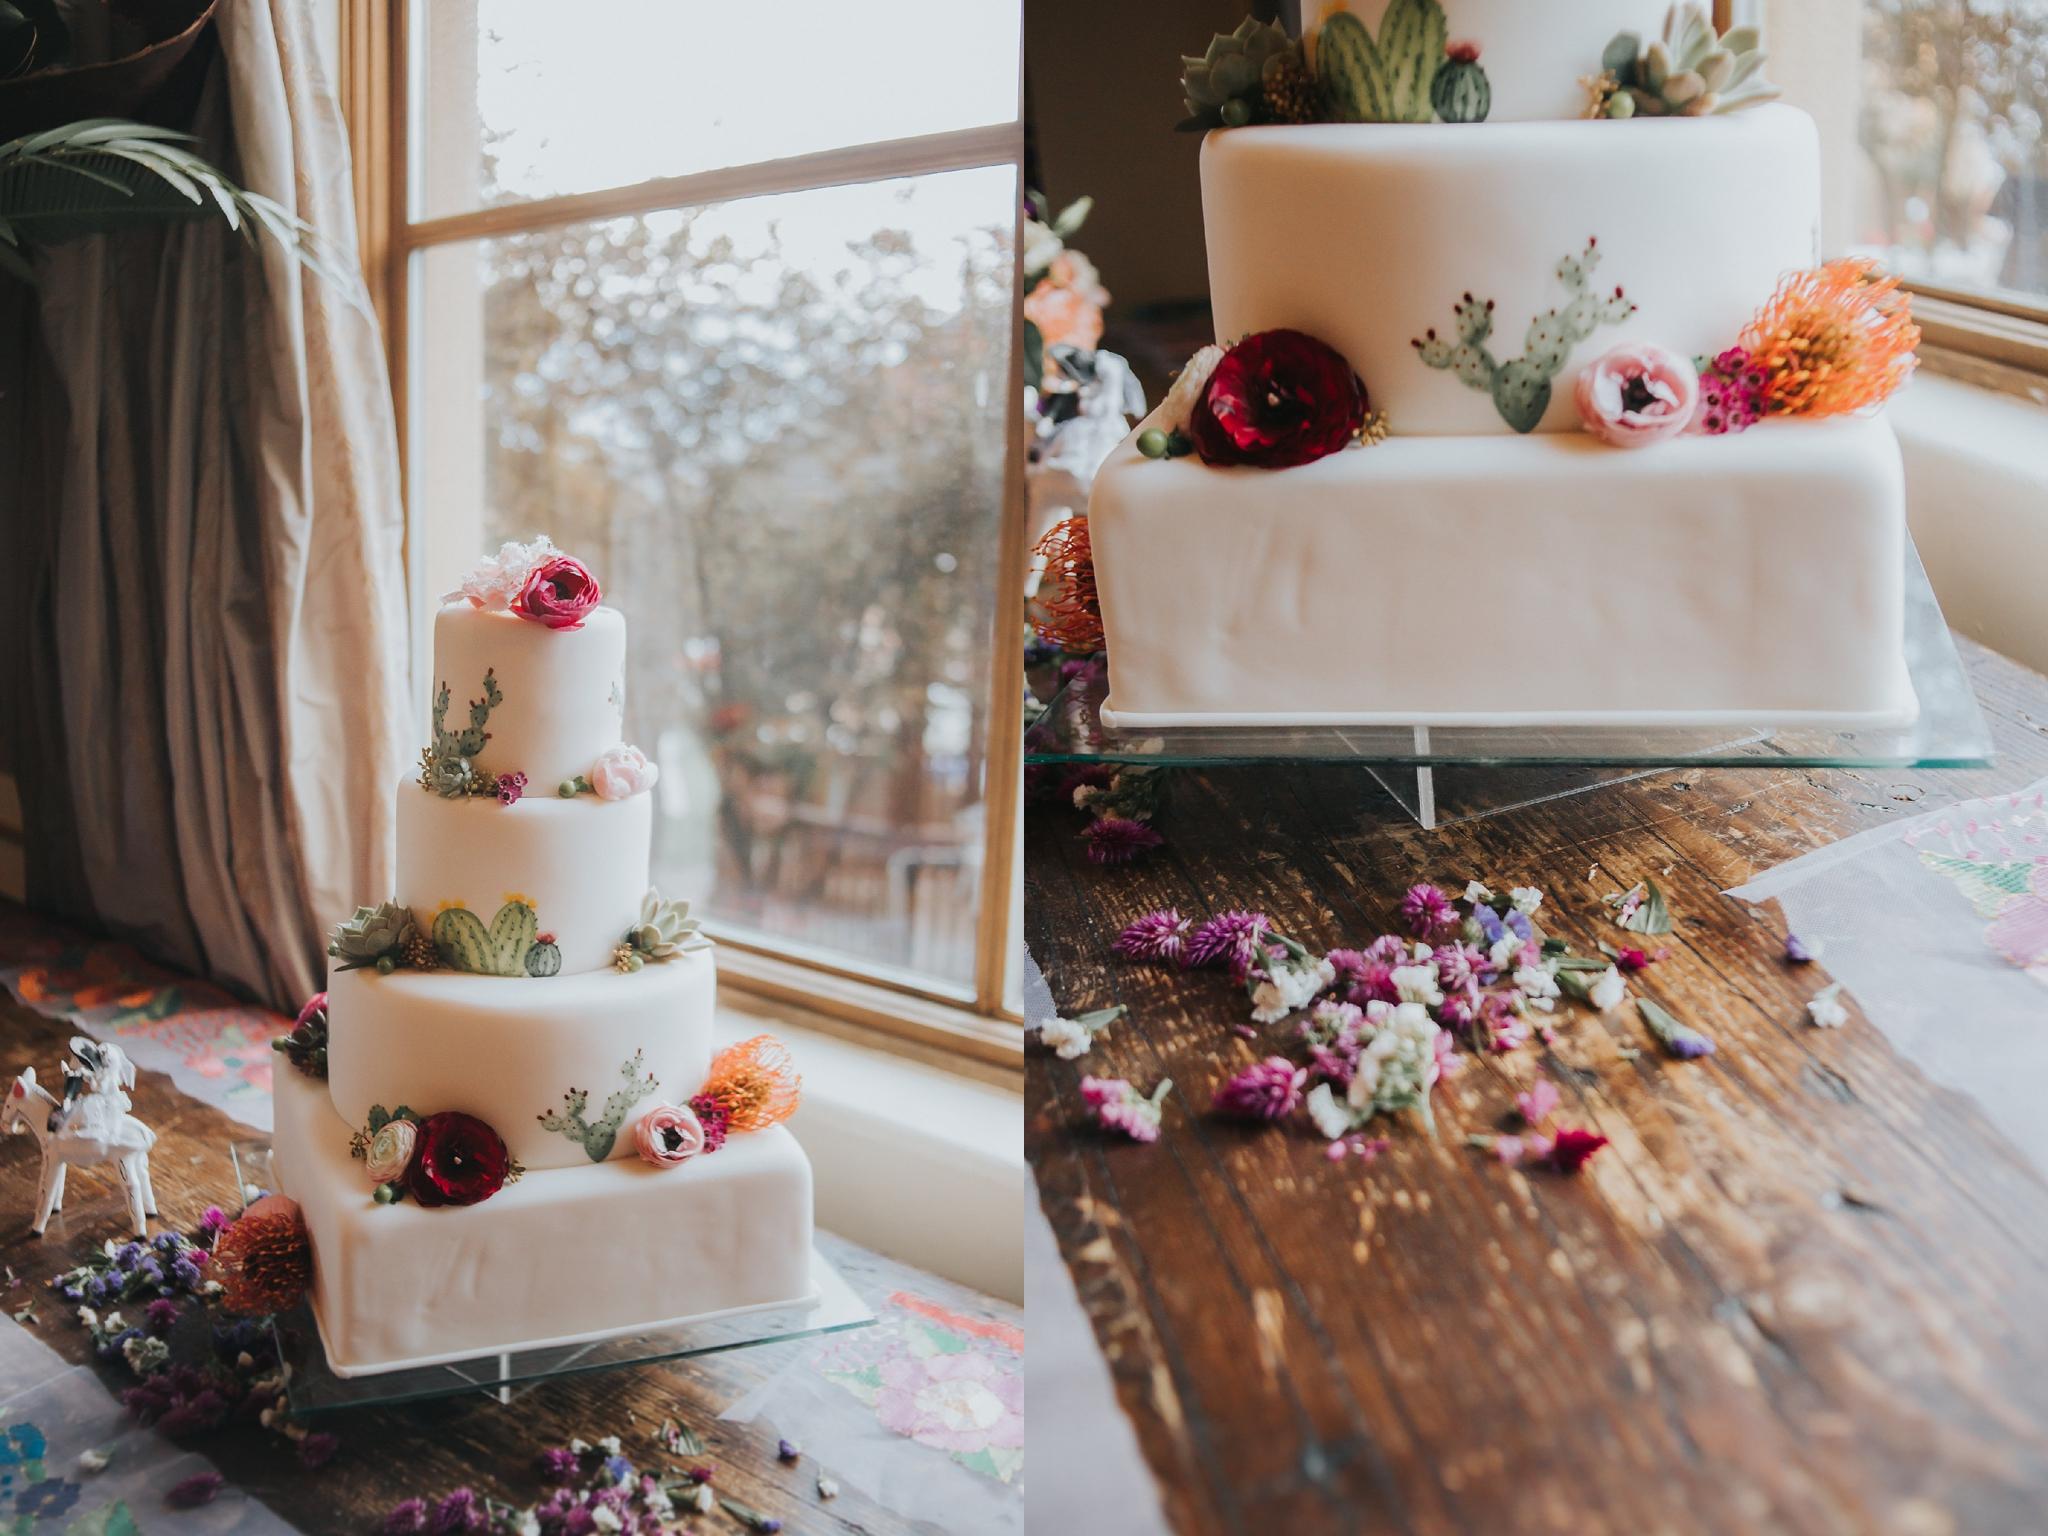 Alicia+lucia+photography+-+albuquerque+wedding+photographer+-+santa+fe+wedding+photography+-+new+mexico+wedding+photographer+-+wedding+reception+-+wedding+cake+-+wedding+sweets+-+maggies+cakes_0019.jpg